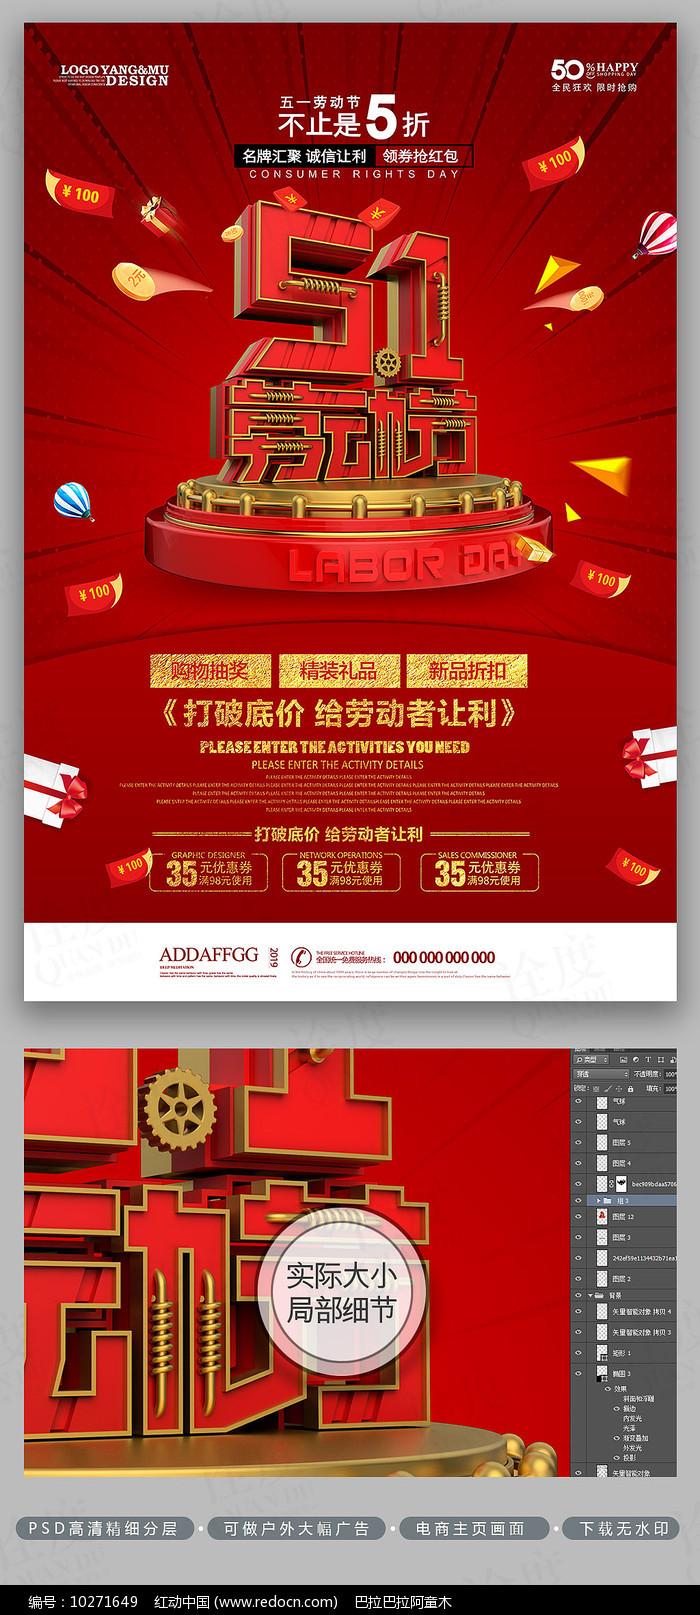 红色大气促销活动五一劳动节海报